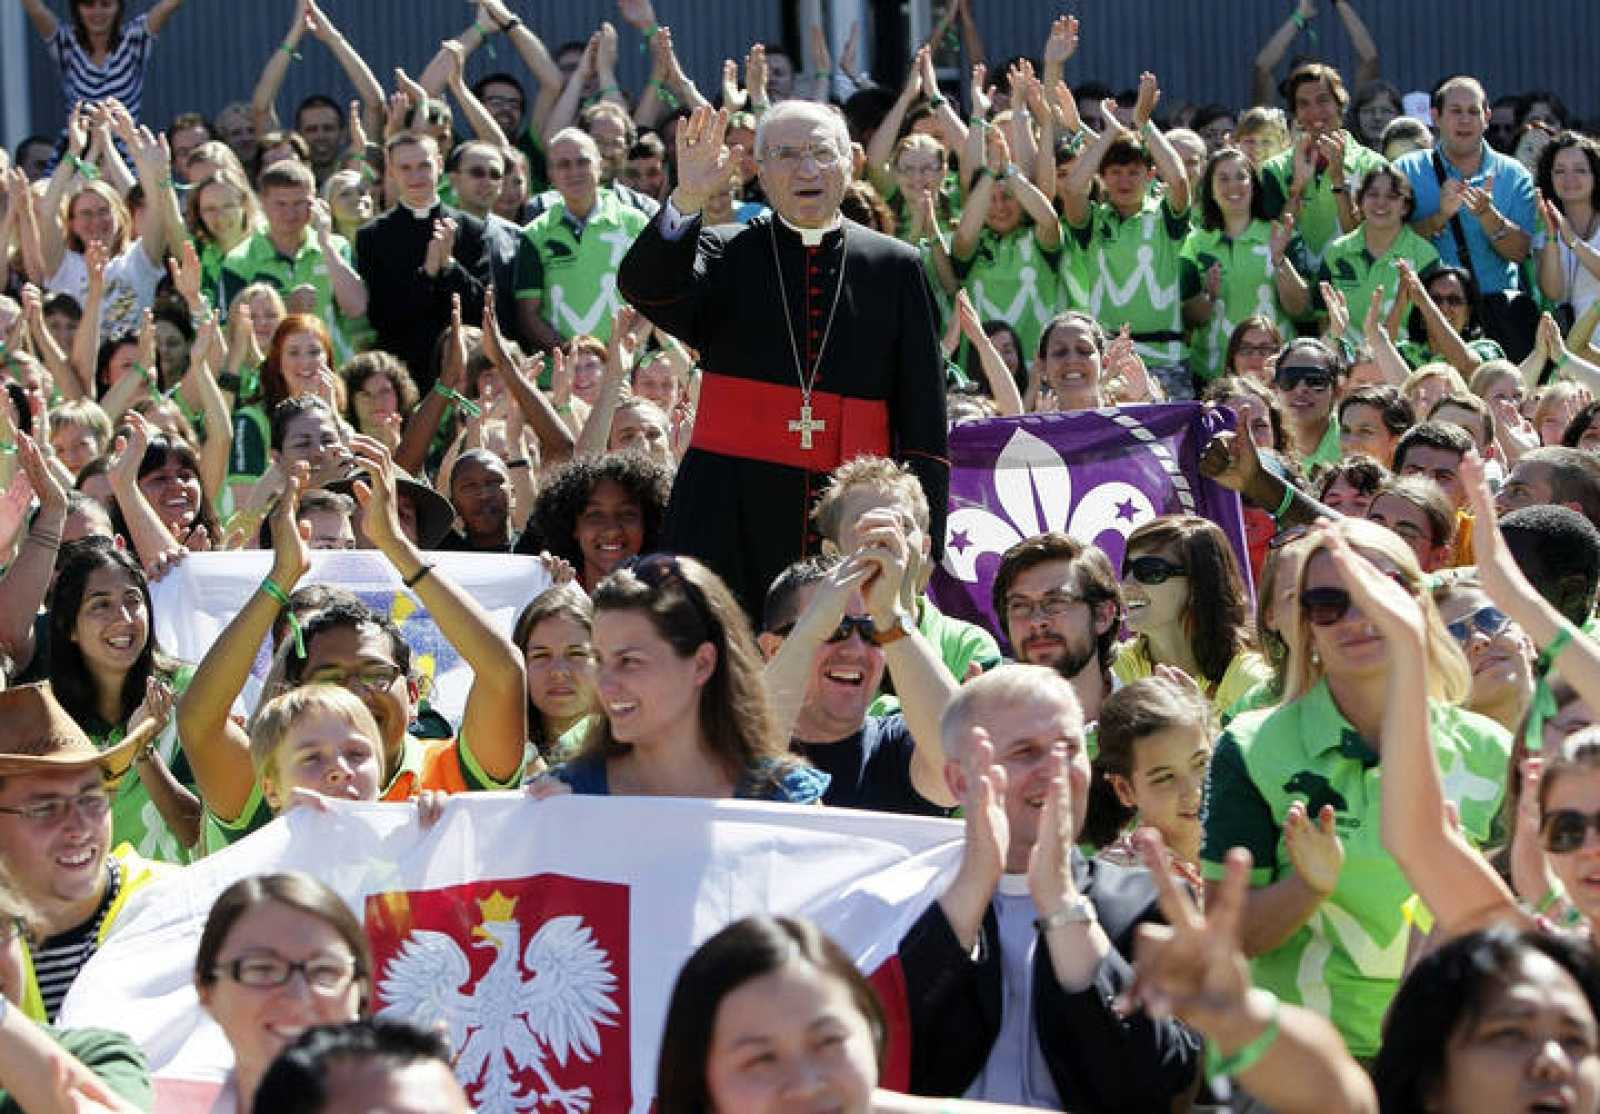 El cardenal y arzobispo de Madrid, Antonio María Rouco (c), rodeado de jóvenes tras oficiar una misa de acogida a los miles de voluntarios nacionales e internacionales.